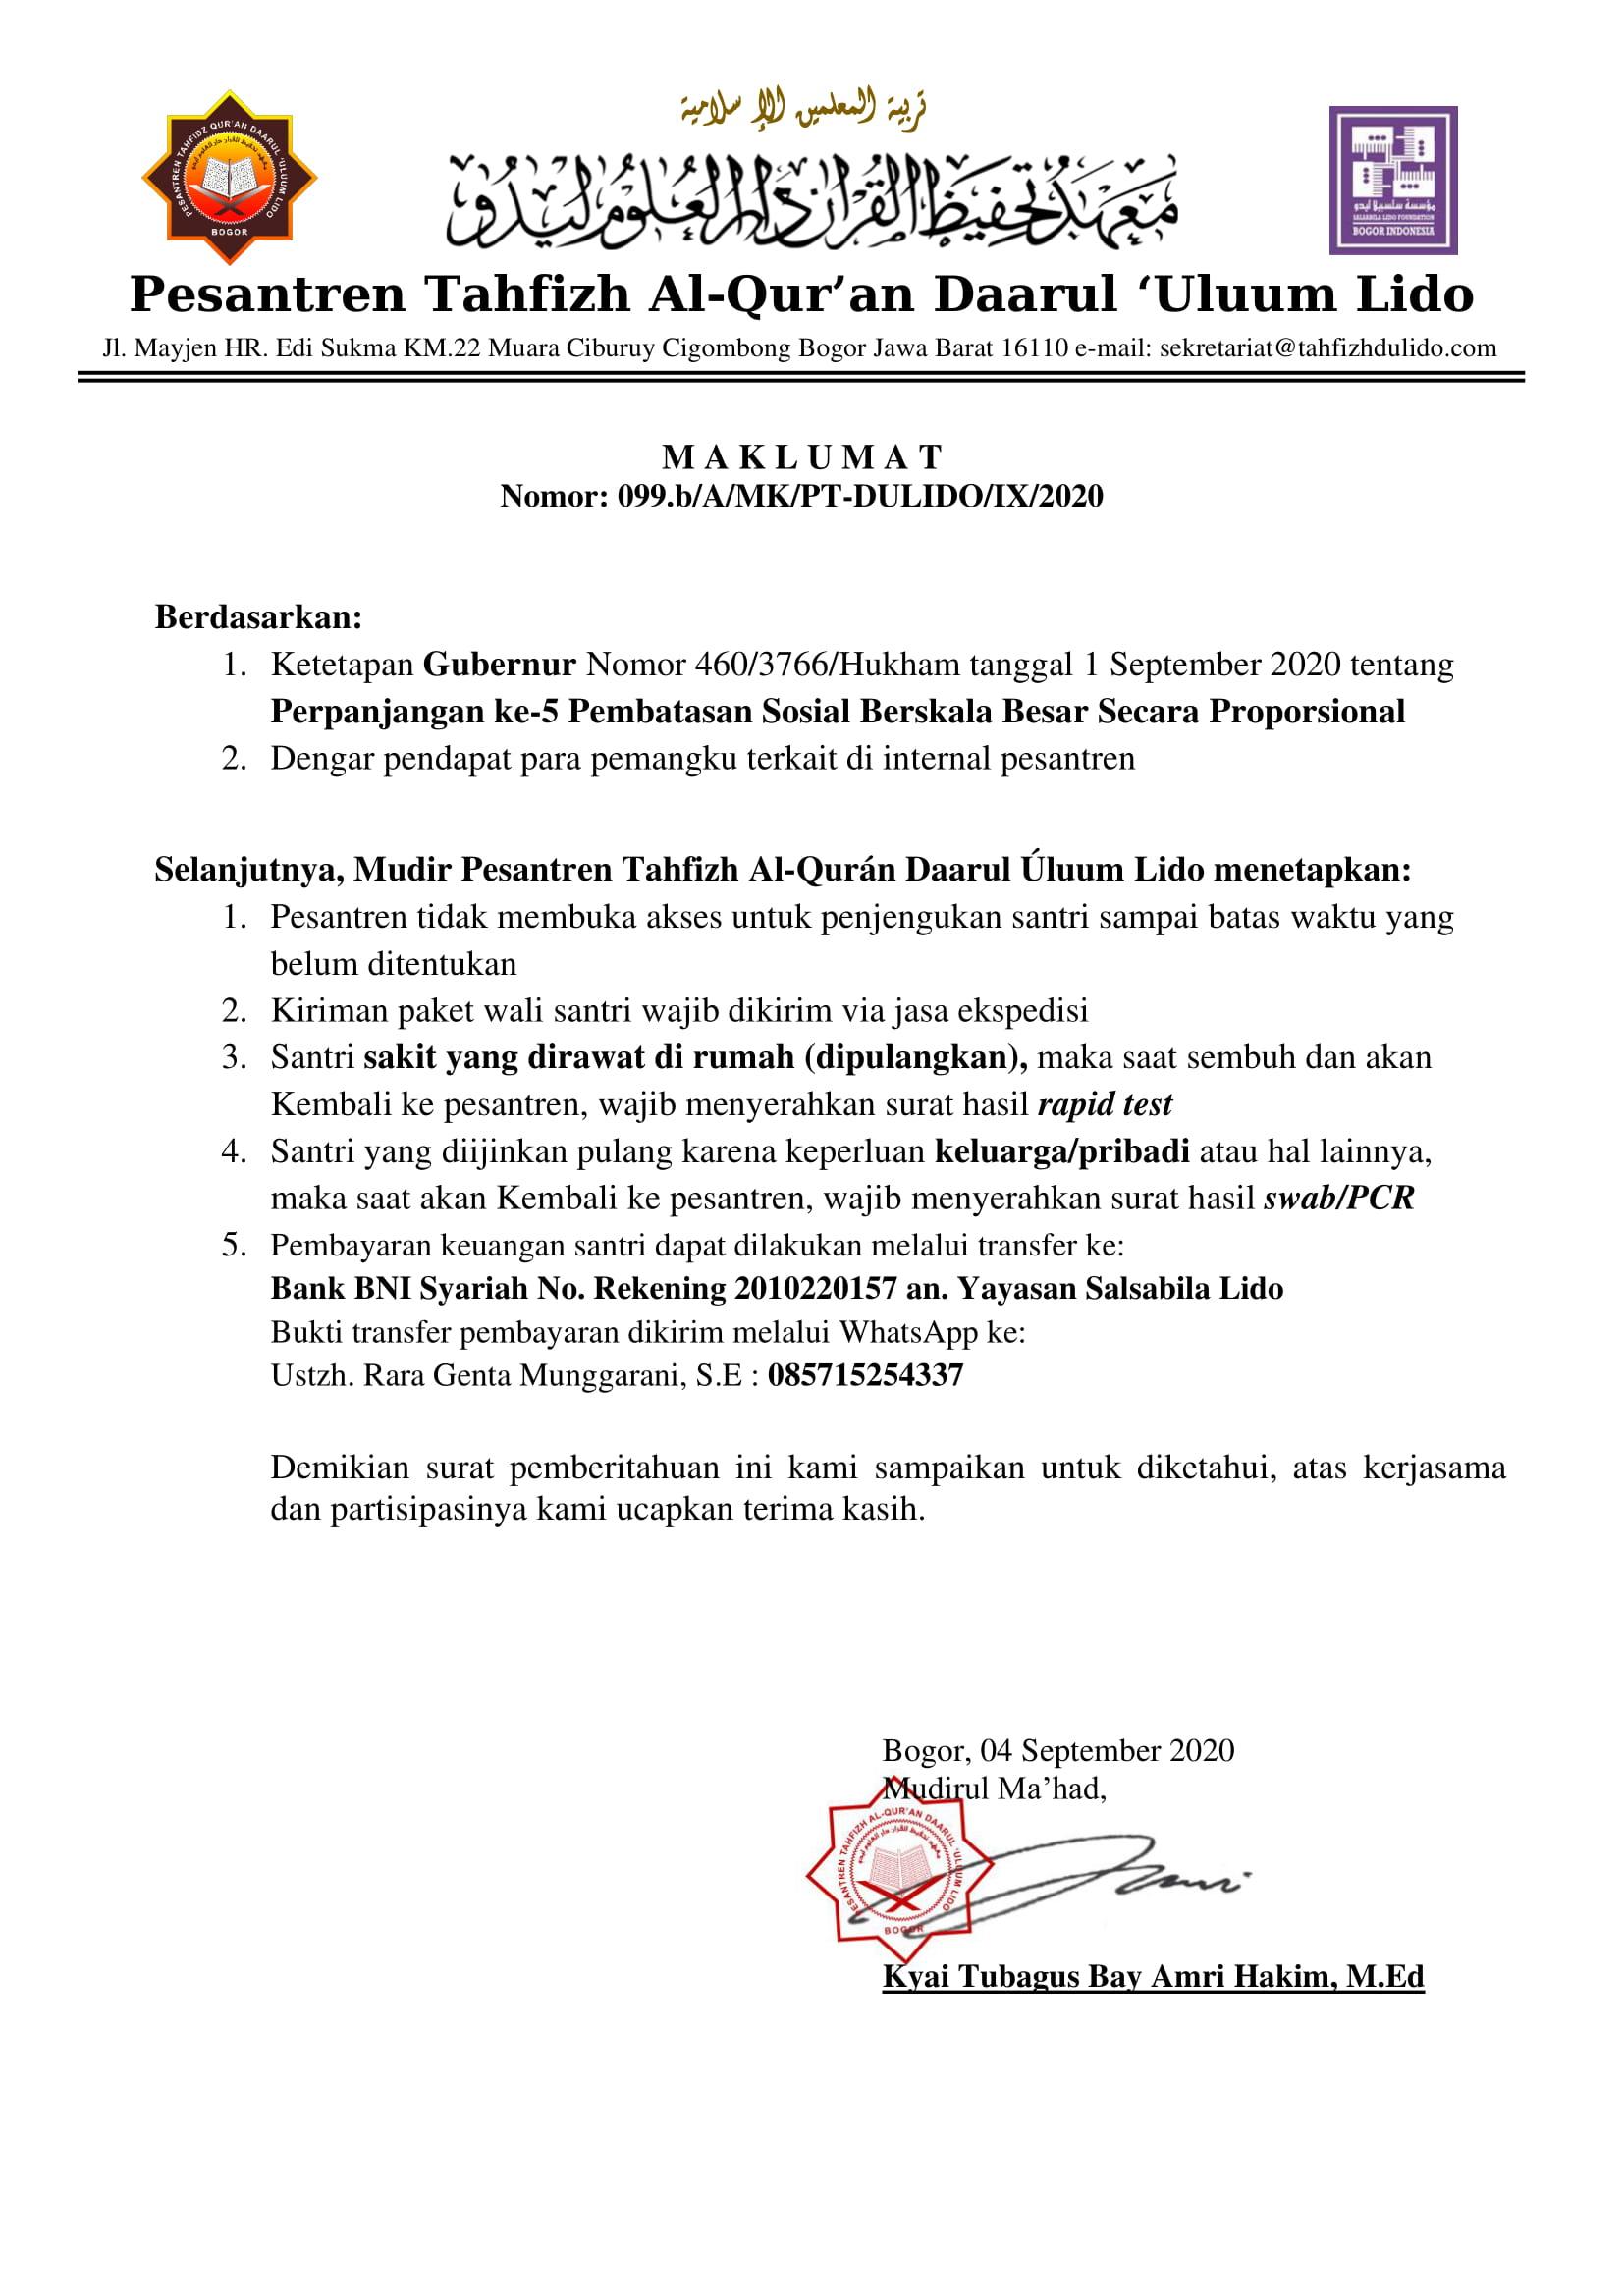 Maklumat Mudir Tahfizh Nomor: 099.b/A/MK/PT-DULIDO/IX/2020